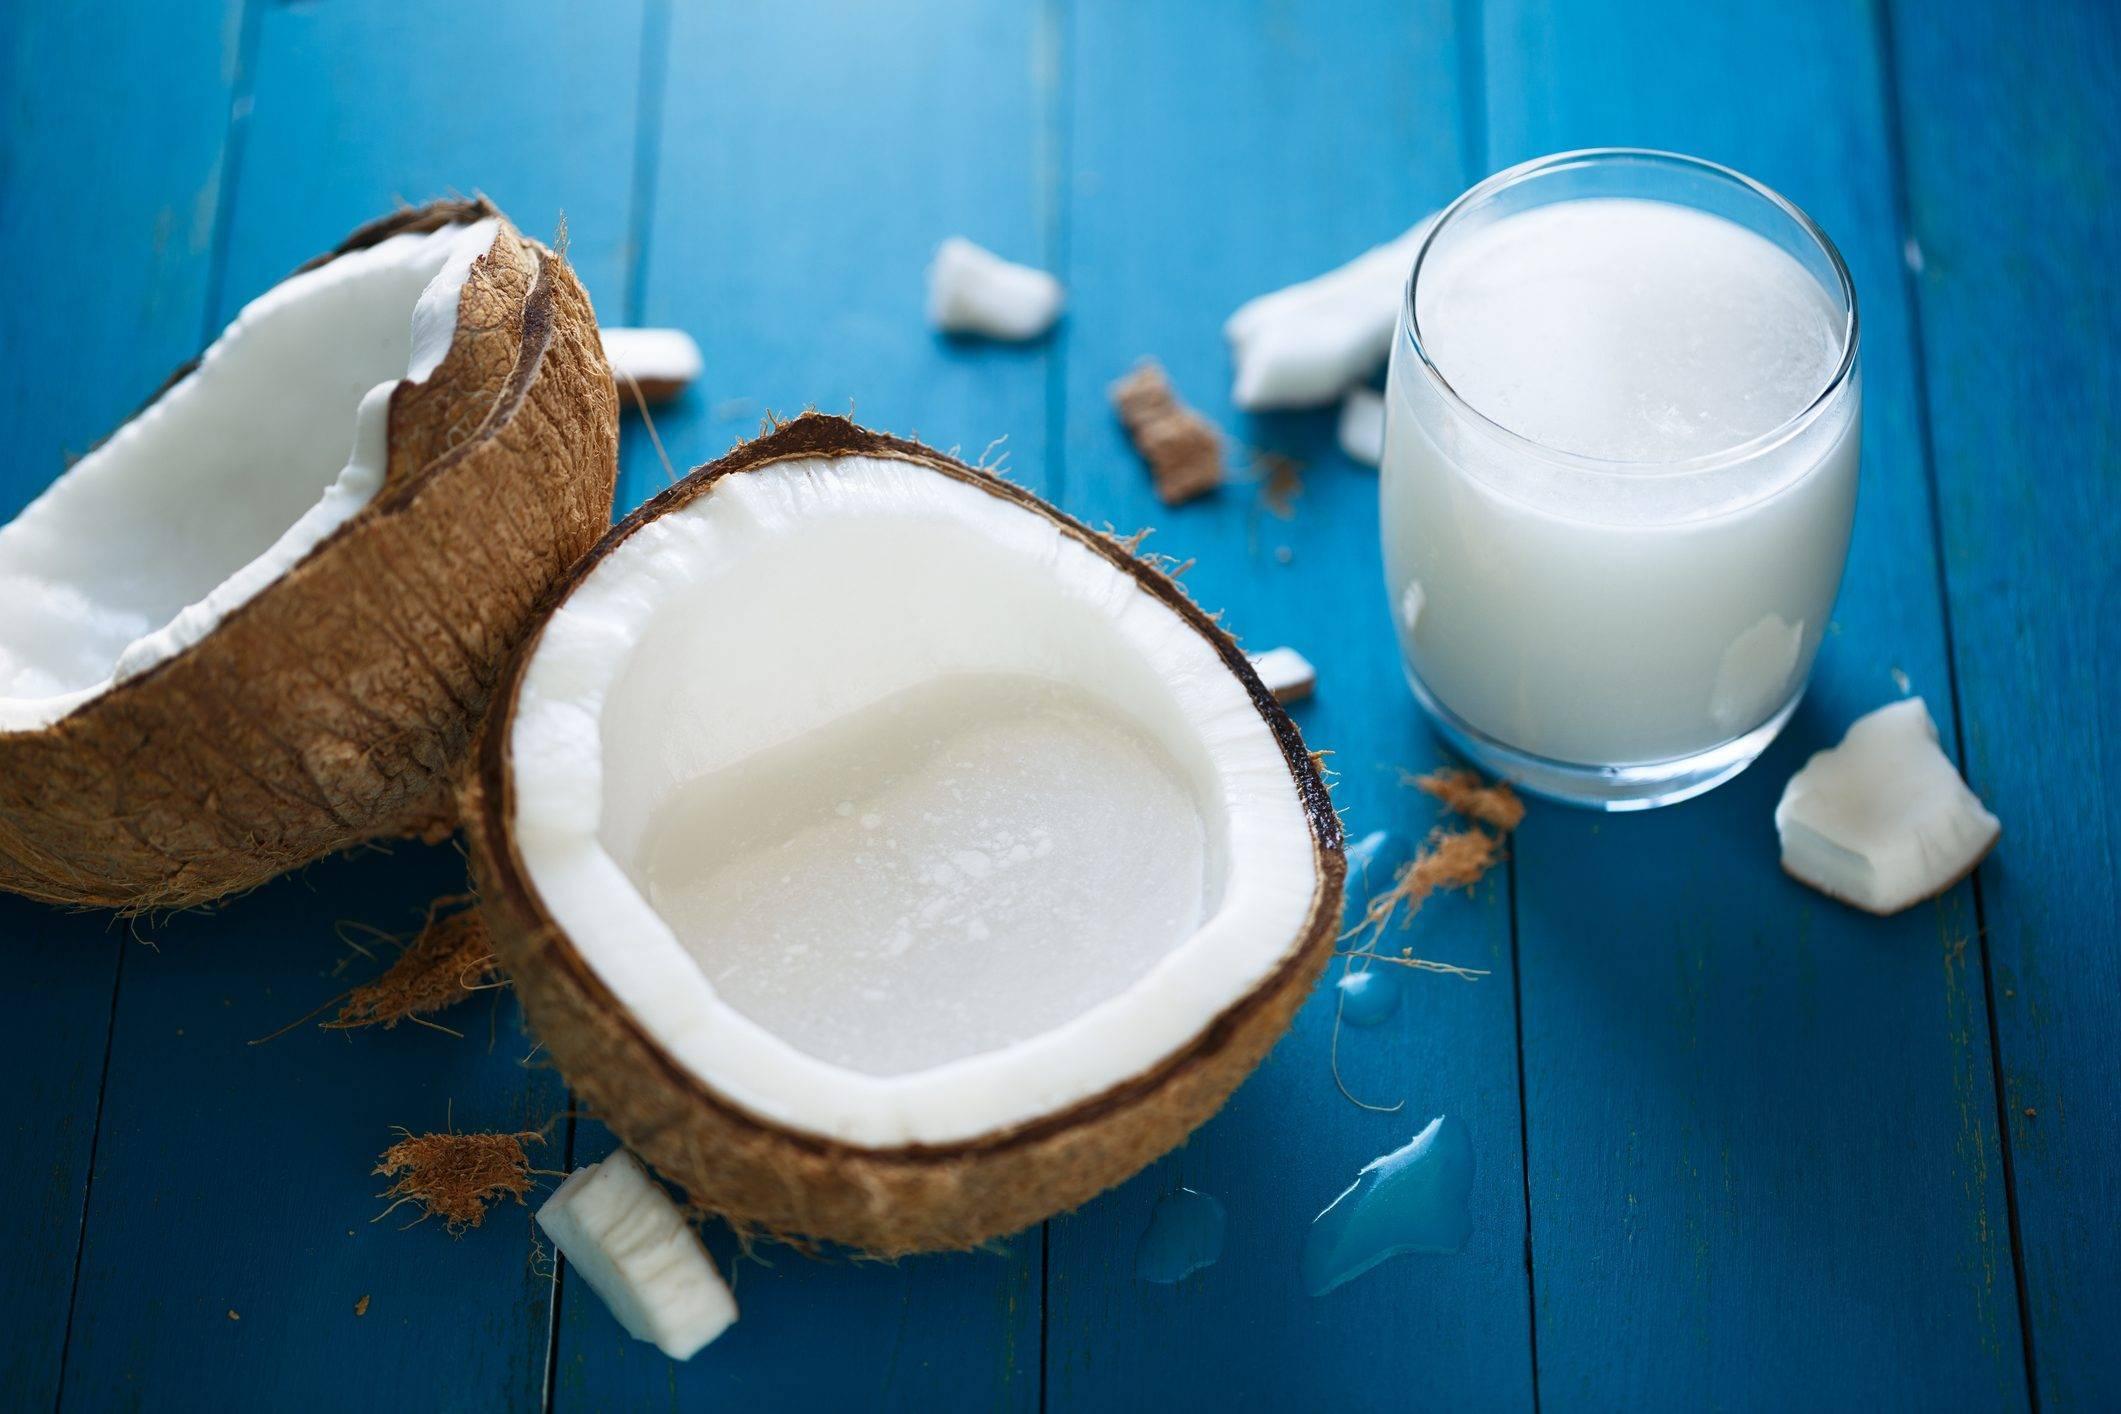 Как почистить кокос в домашних условиях, как хранить кокос, кокосовое масло и стружку